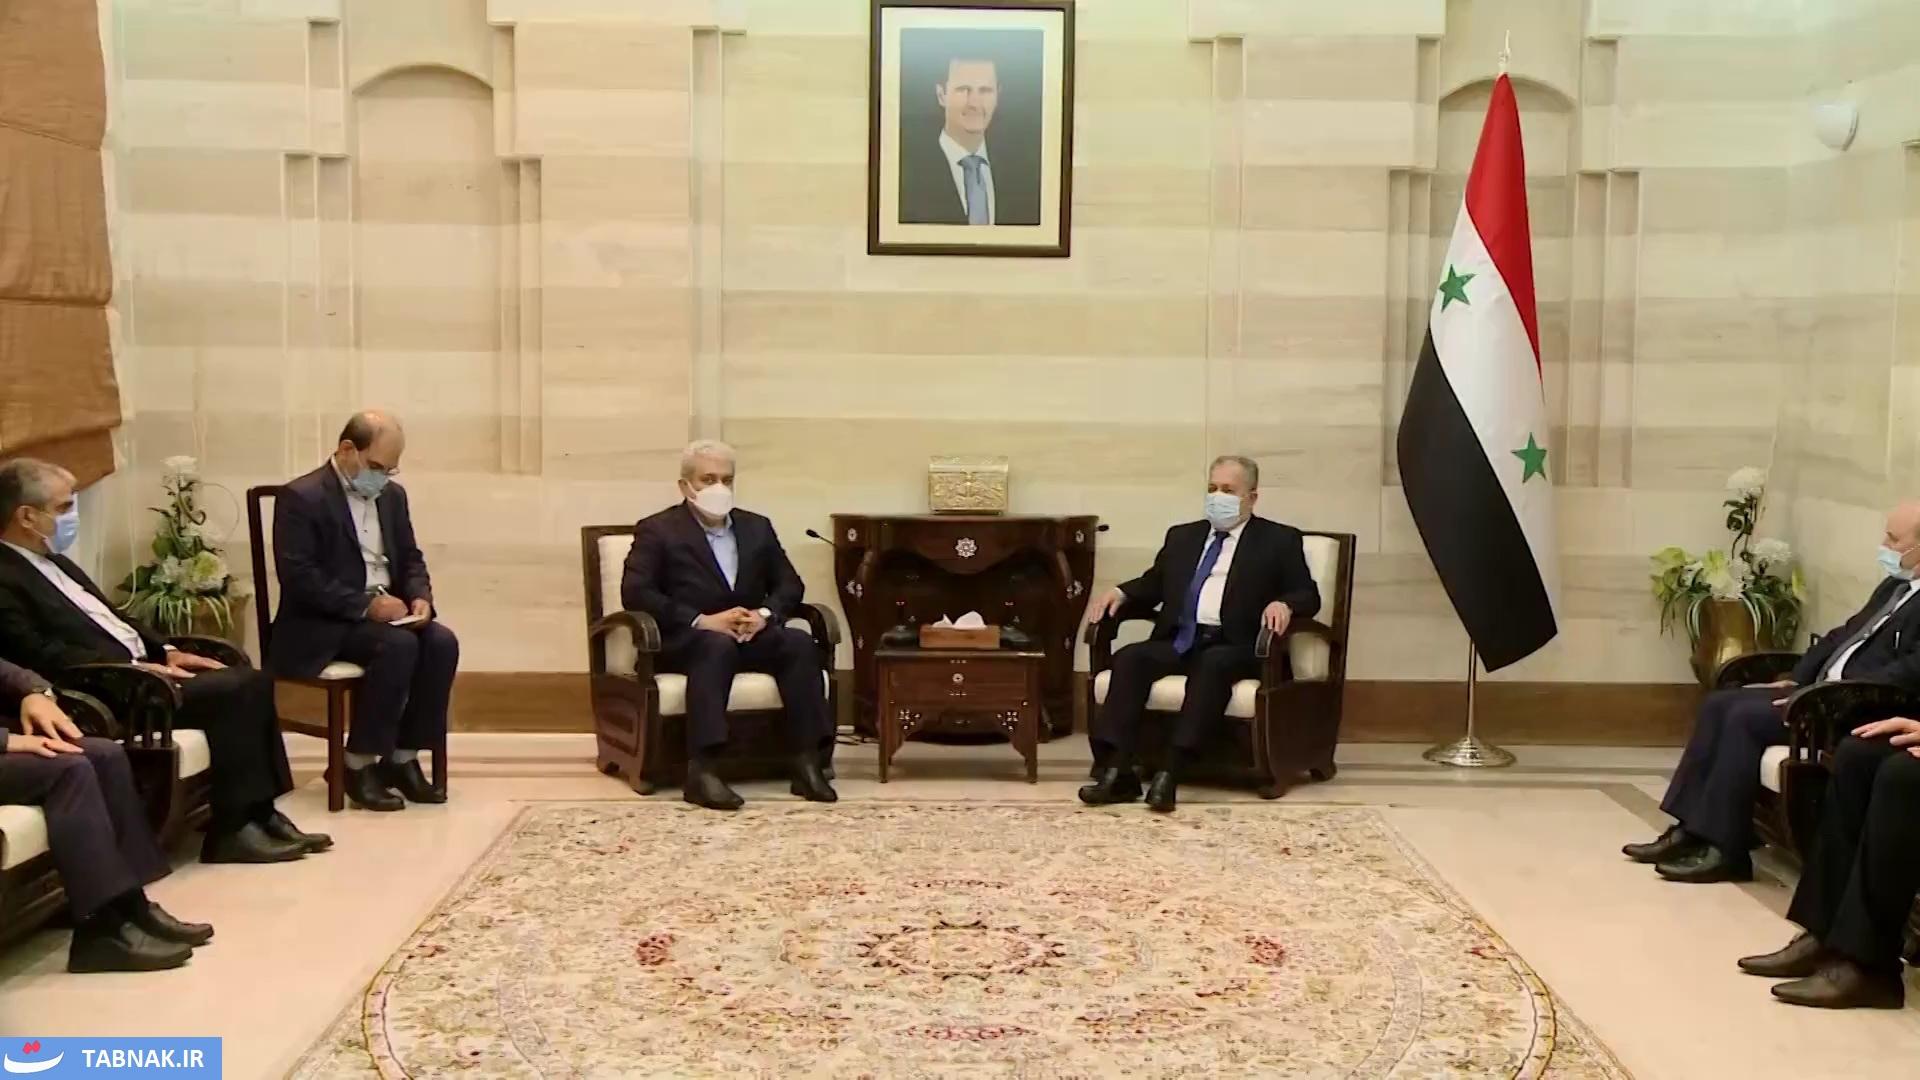 سوريا | عرنوس يبحث مع معاون الرئيس الإيراني سبل التعاون العلمي